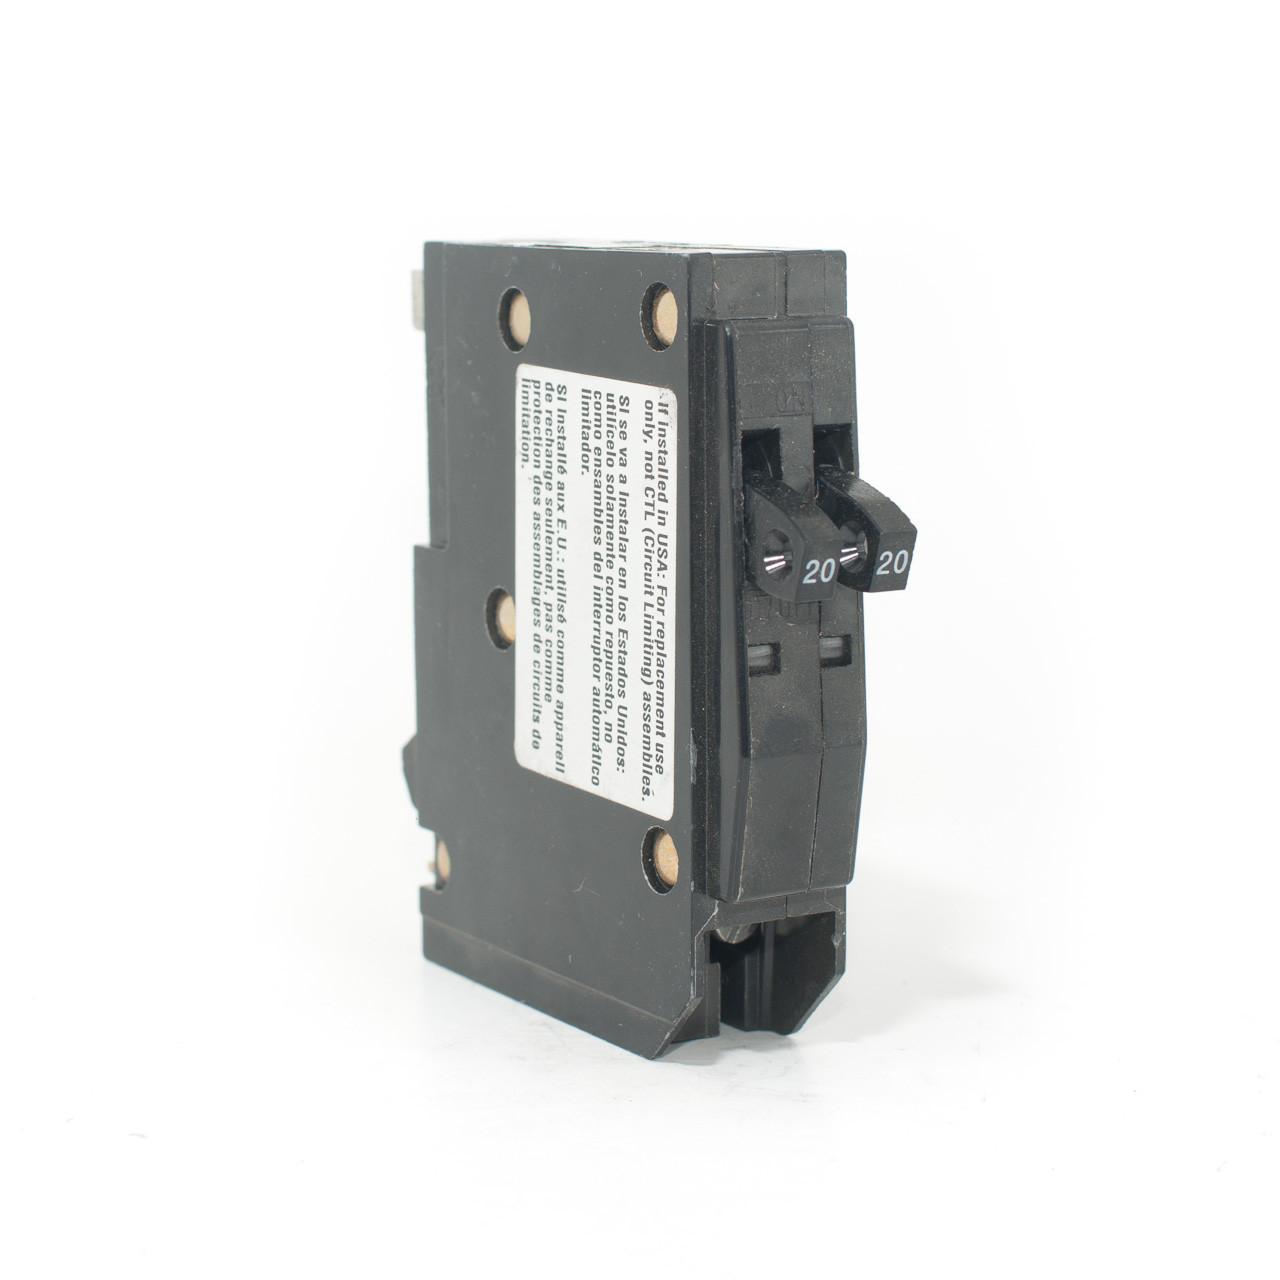 Square D QO2020 Tandem 20/20A Single Pole Push-On Breaker